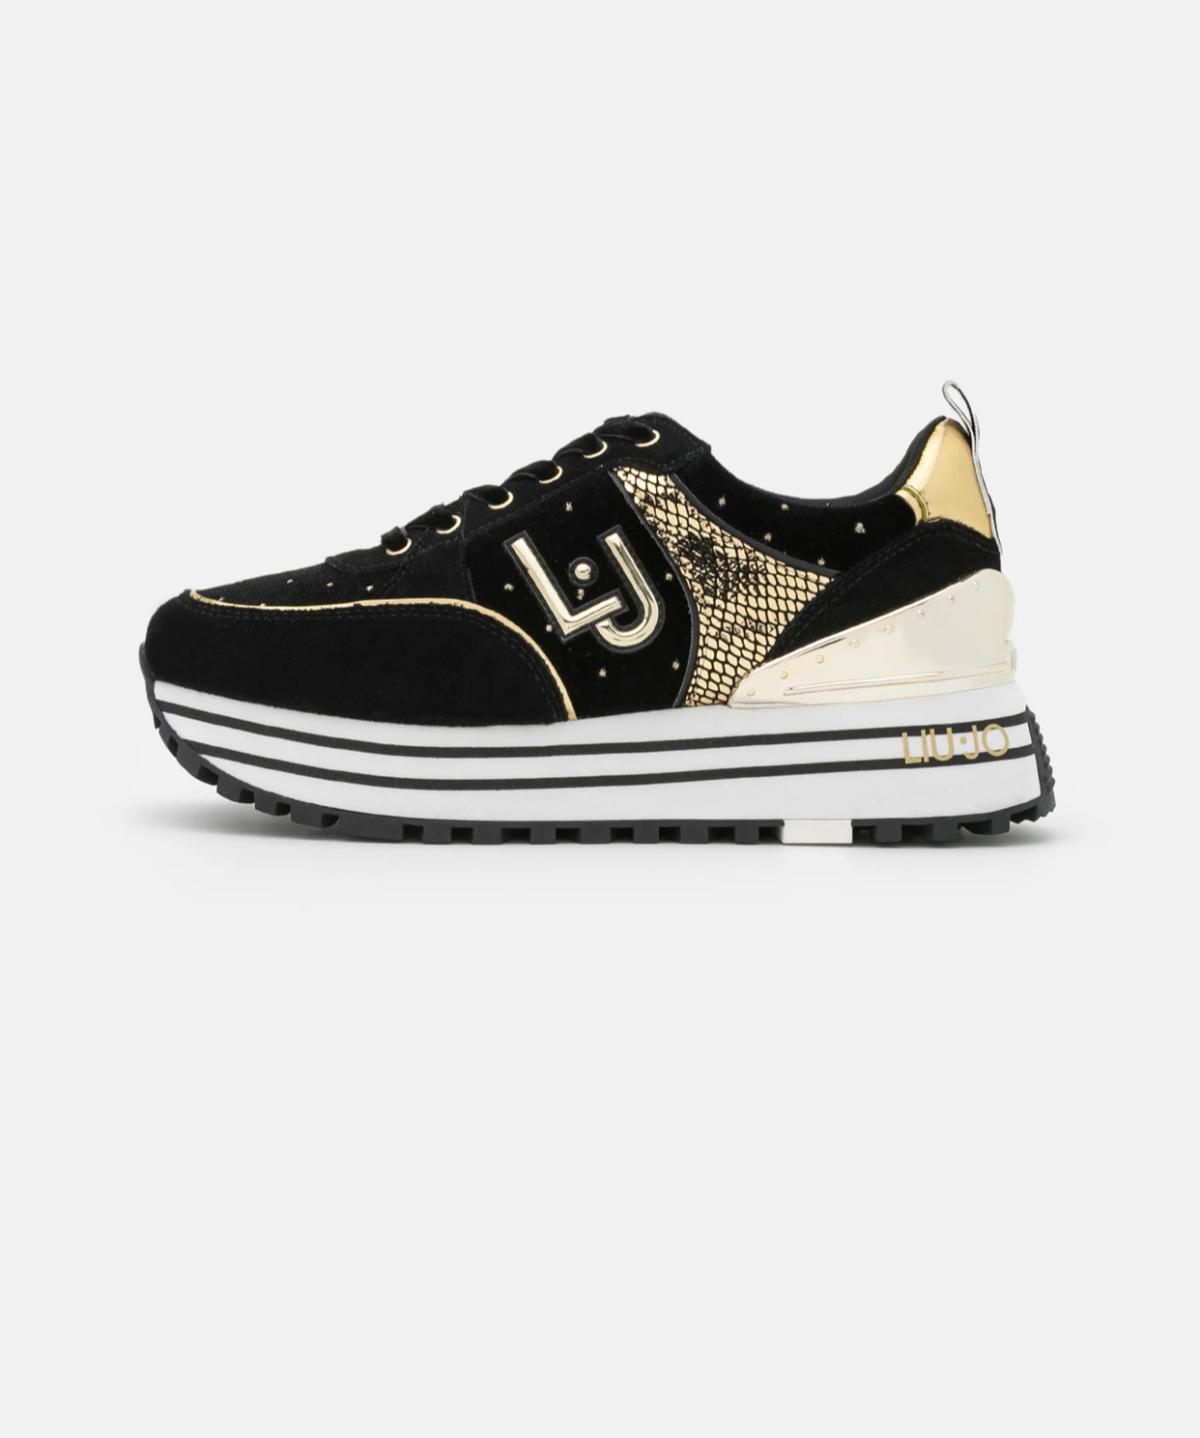 Liu Jo Jeans MAXI – Sneakers laag BLACK gold NEW 2021